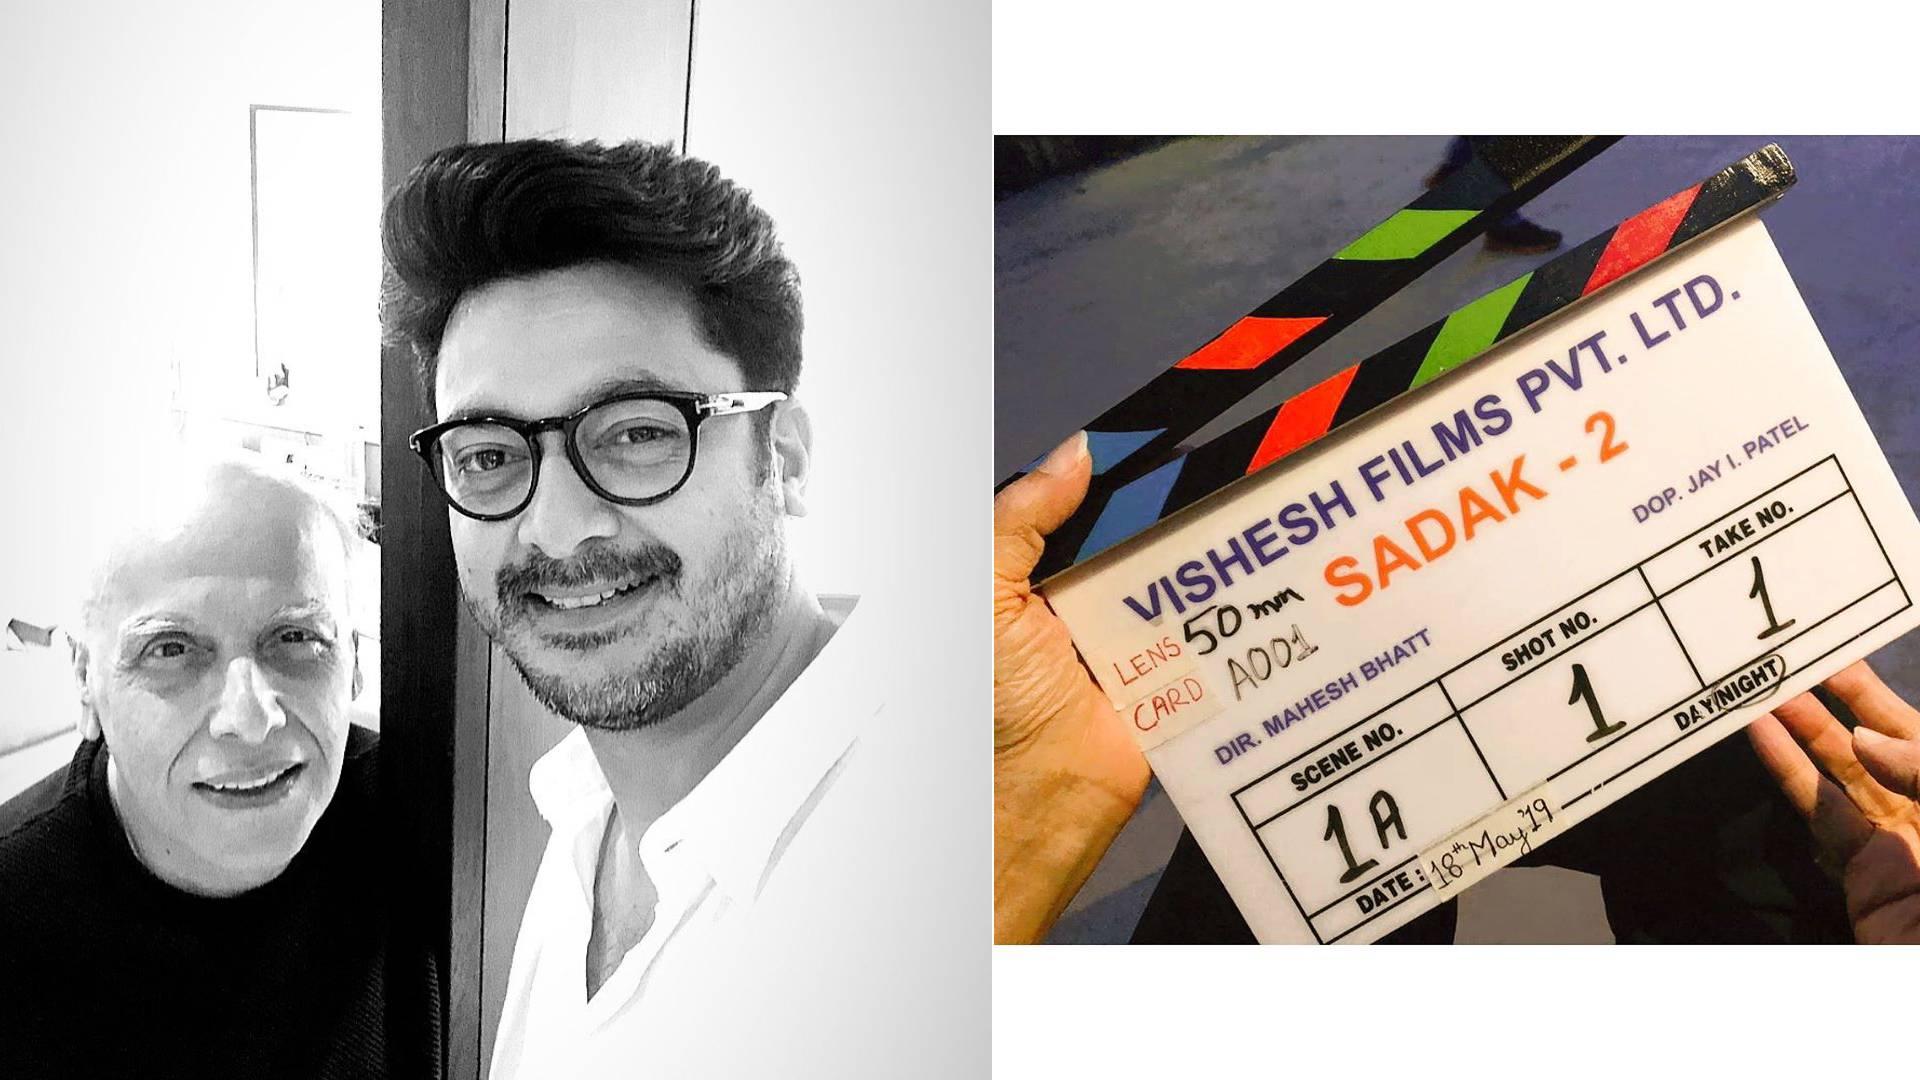 Sadak 2: संजय दत्त नहीं ये एक्टर निभा सकते हैं आलिया भट्ट के पिता का किरदार, कंगना रनौत के साथ किया था काम